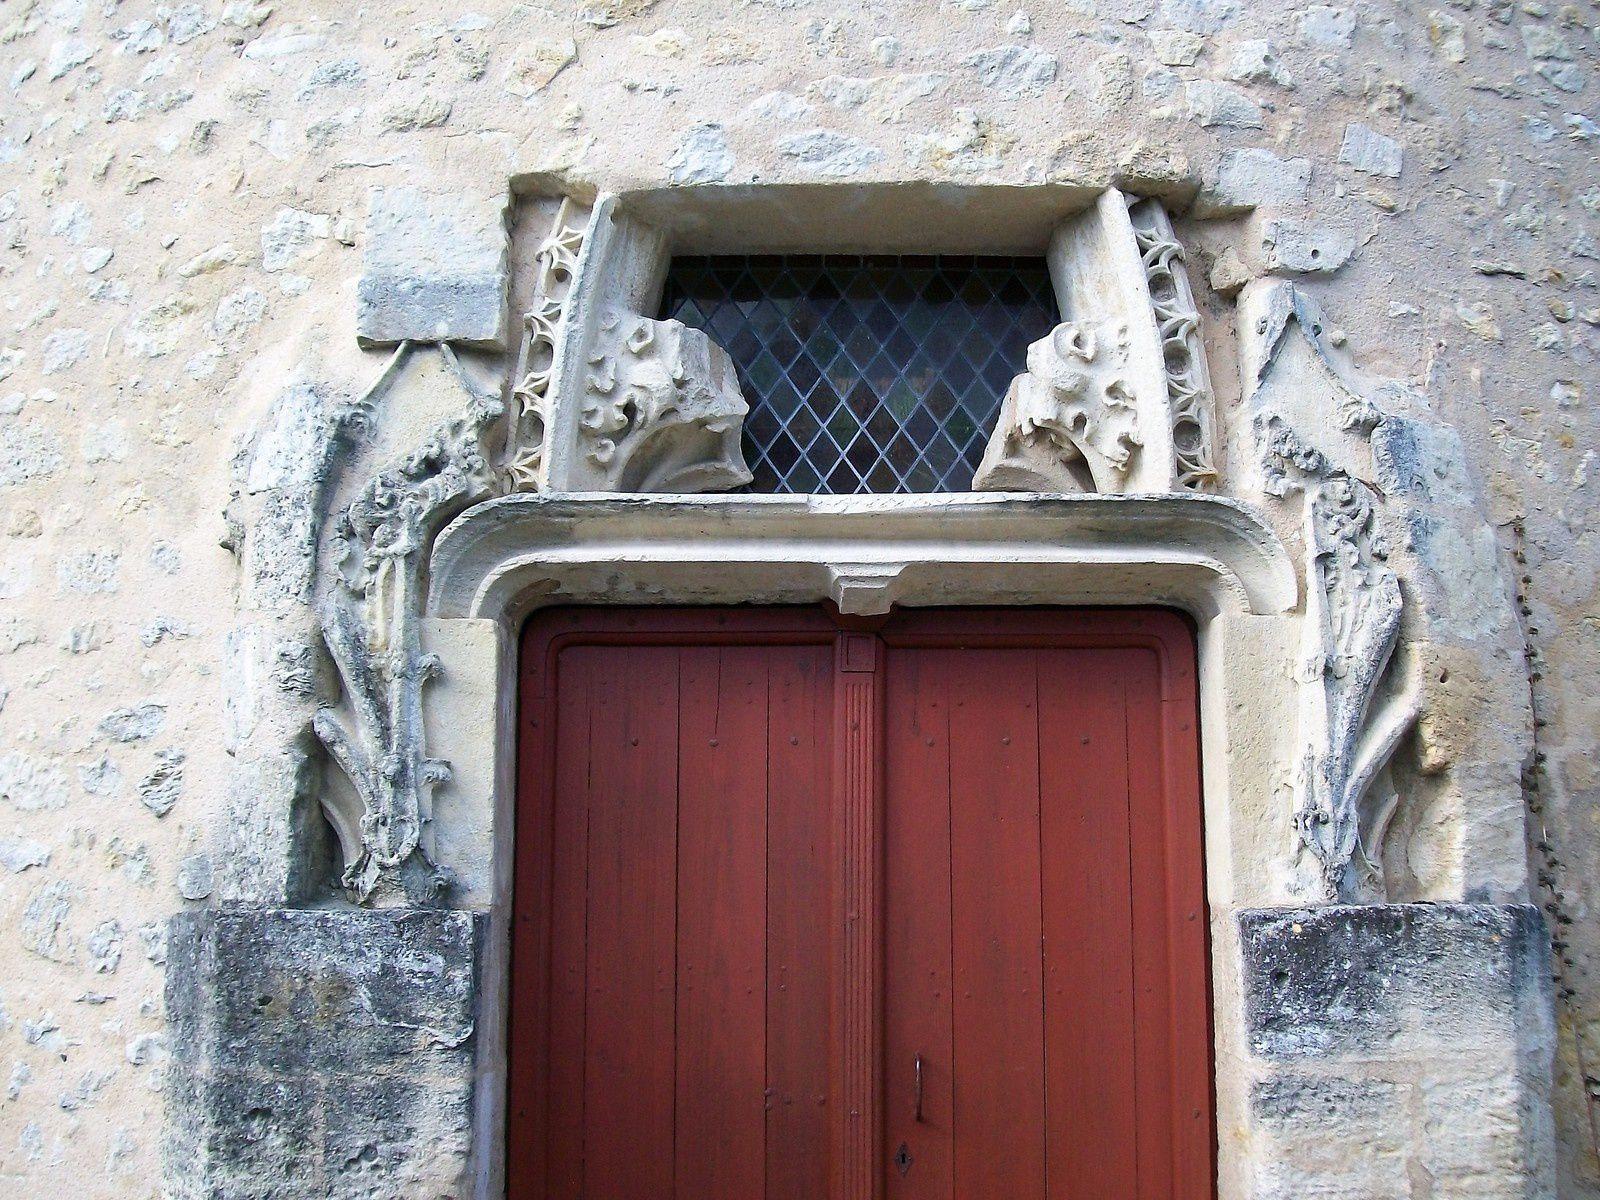 la porte gothique du pigeonnier se laisse admirer en gardant encore son secret:pourquoi et quand a-t-elle été mise en place?